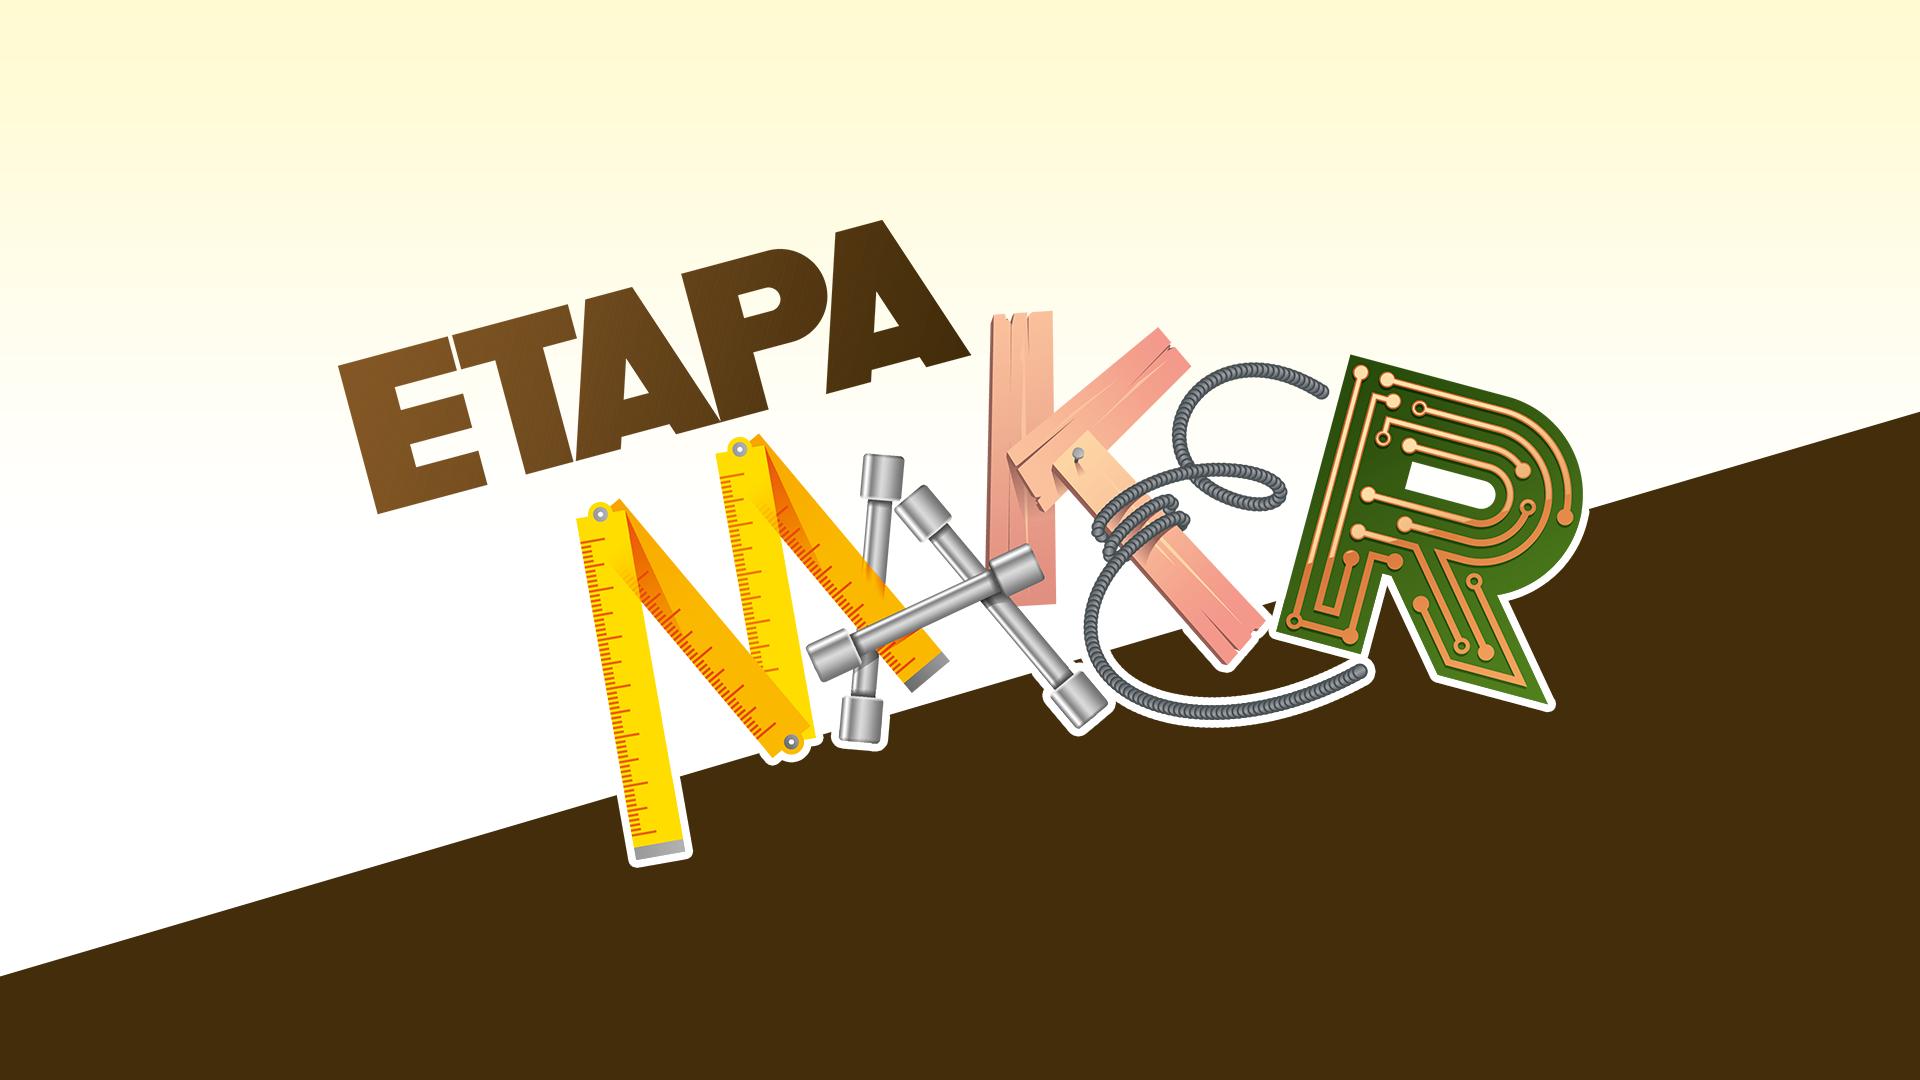 ETAPA Maker e-banner_hubspot 2 1920 x 1080 px